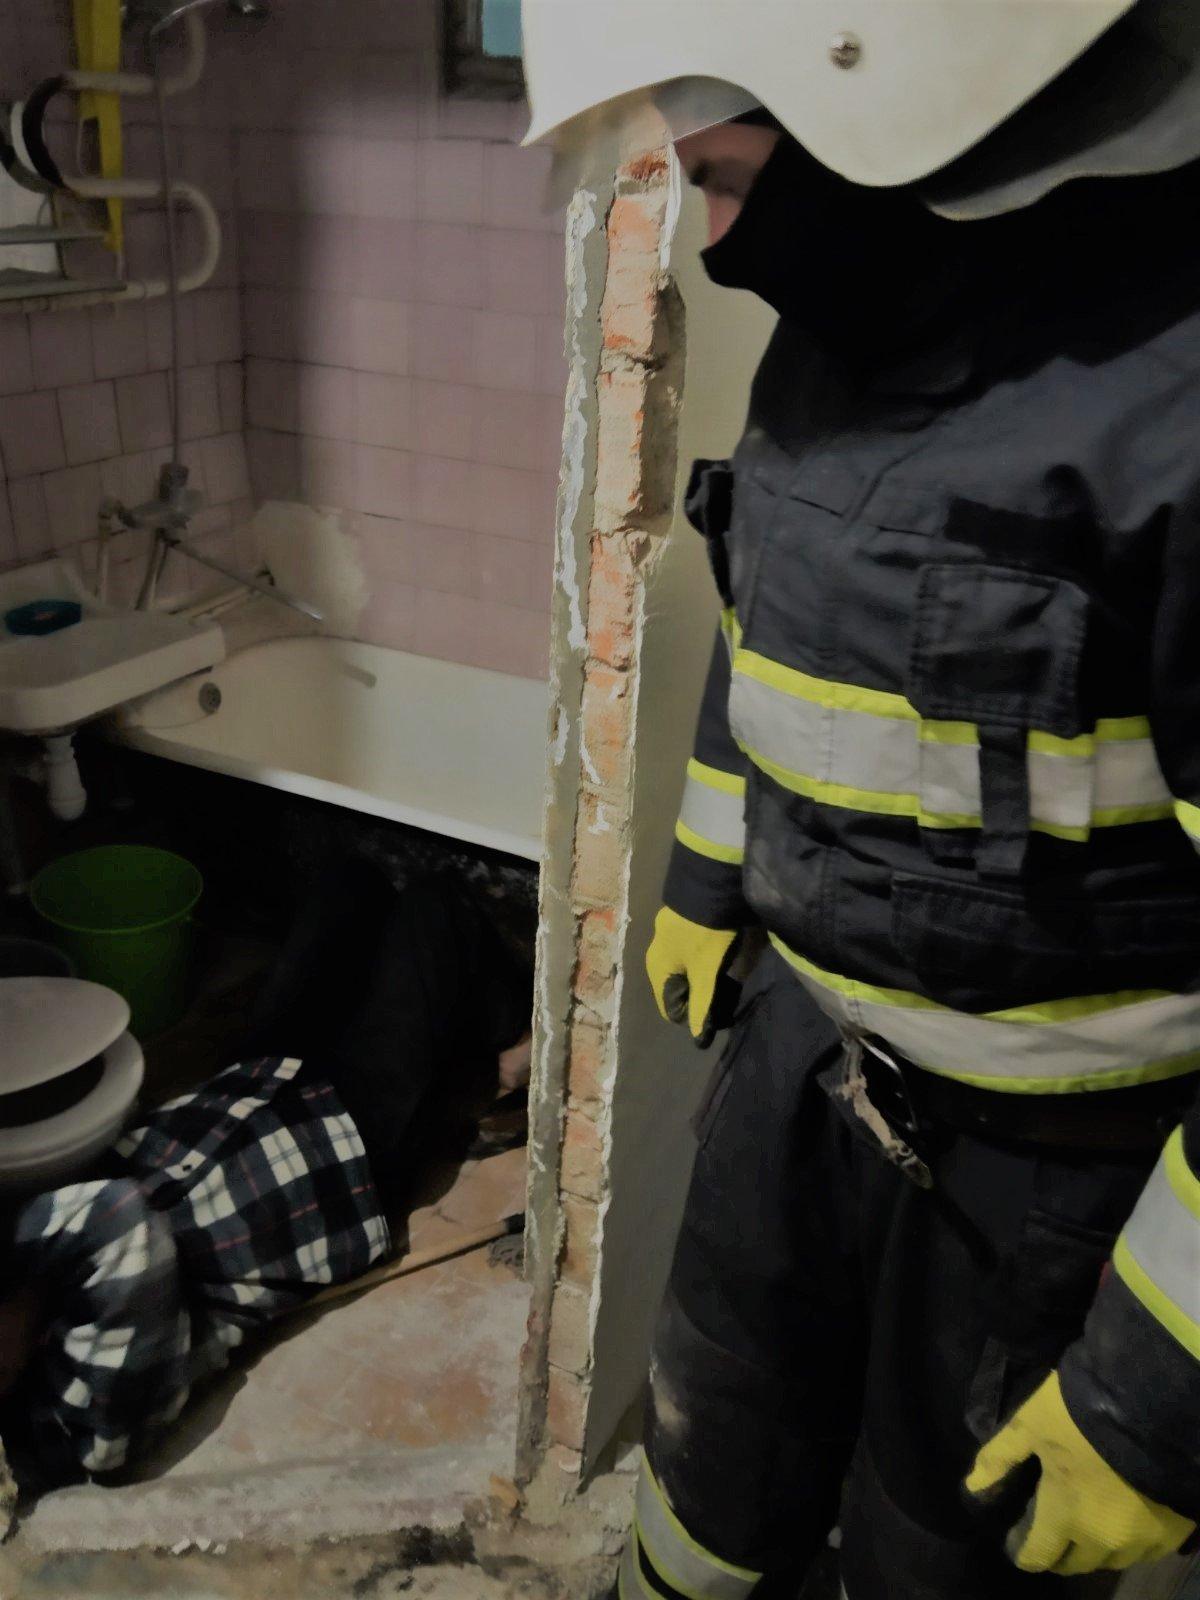 """80-річний чоловік потребував допомоги, Фото: """"Служба порятунку 101 Кам'янець-Подільський"""""""